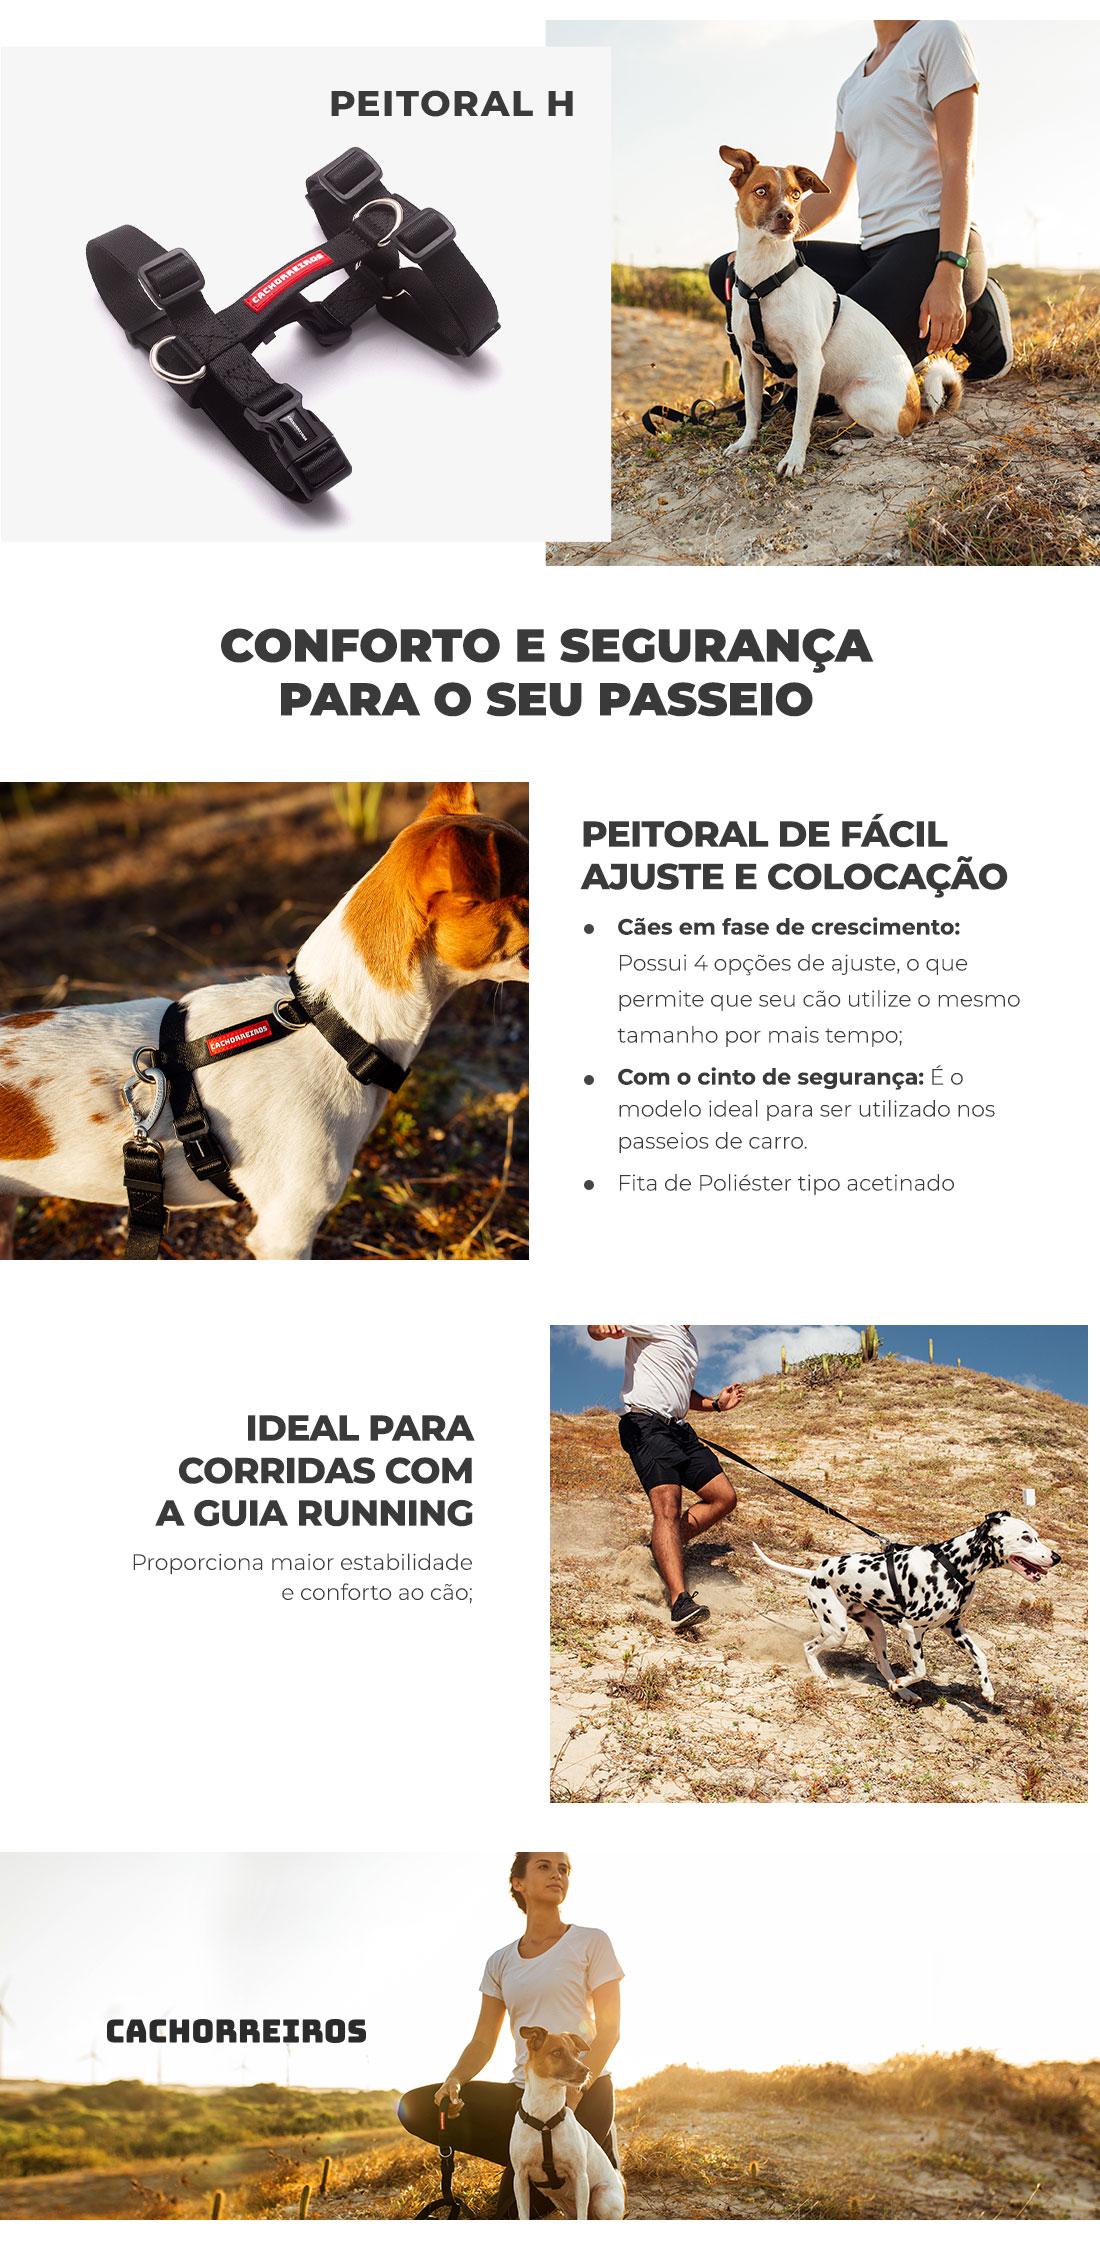 Informações Peitoral H Black Cachorreiros